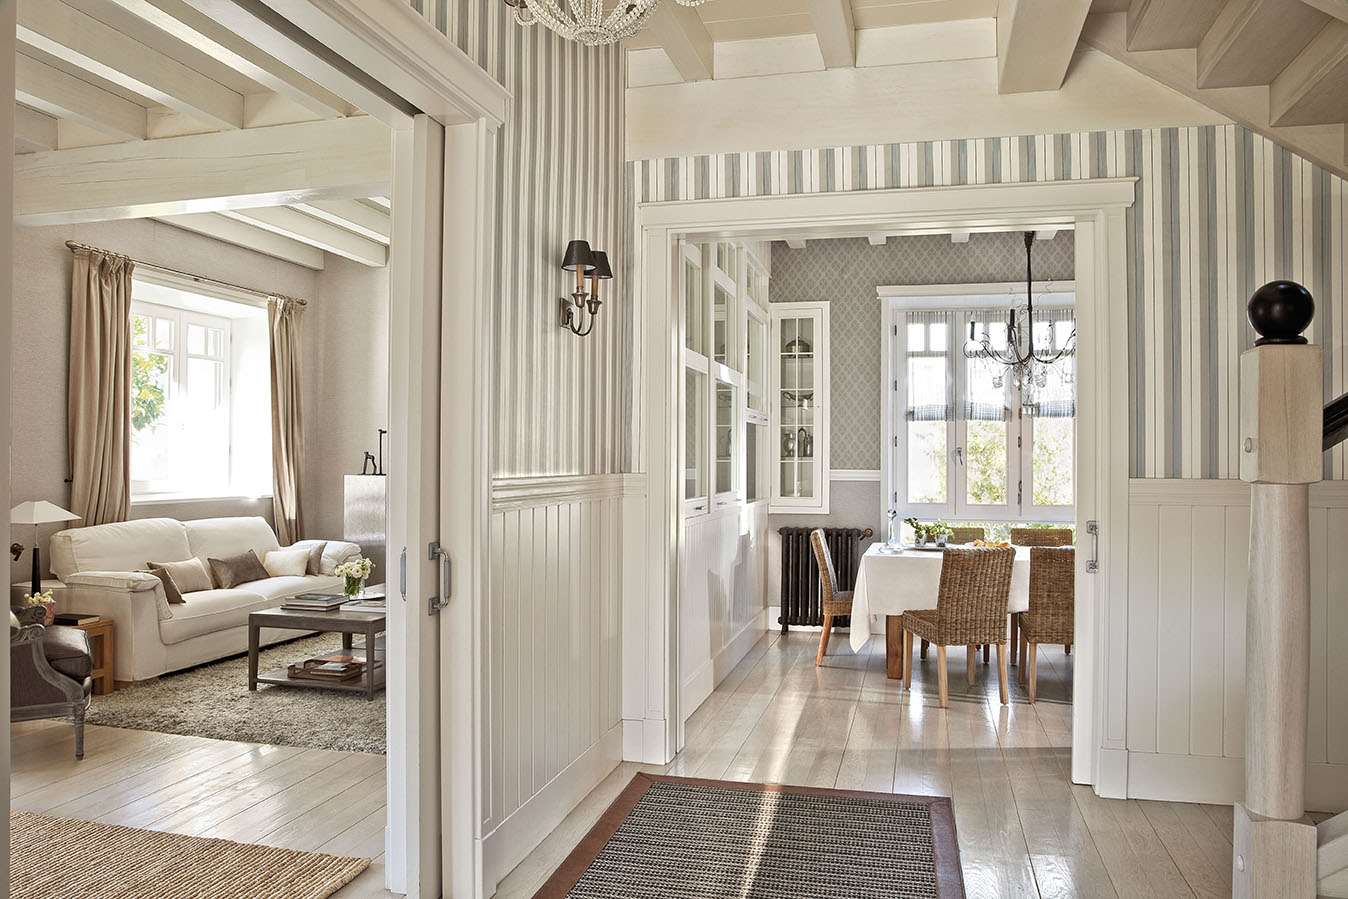 Una preciosa villa vasca recuperada y vestida de blanco y gris